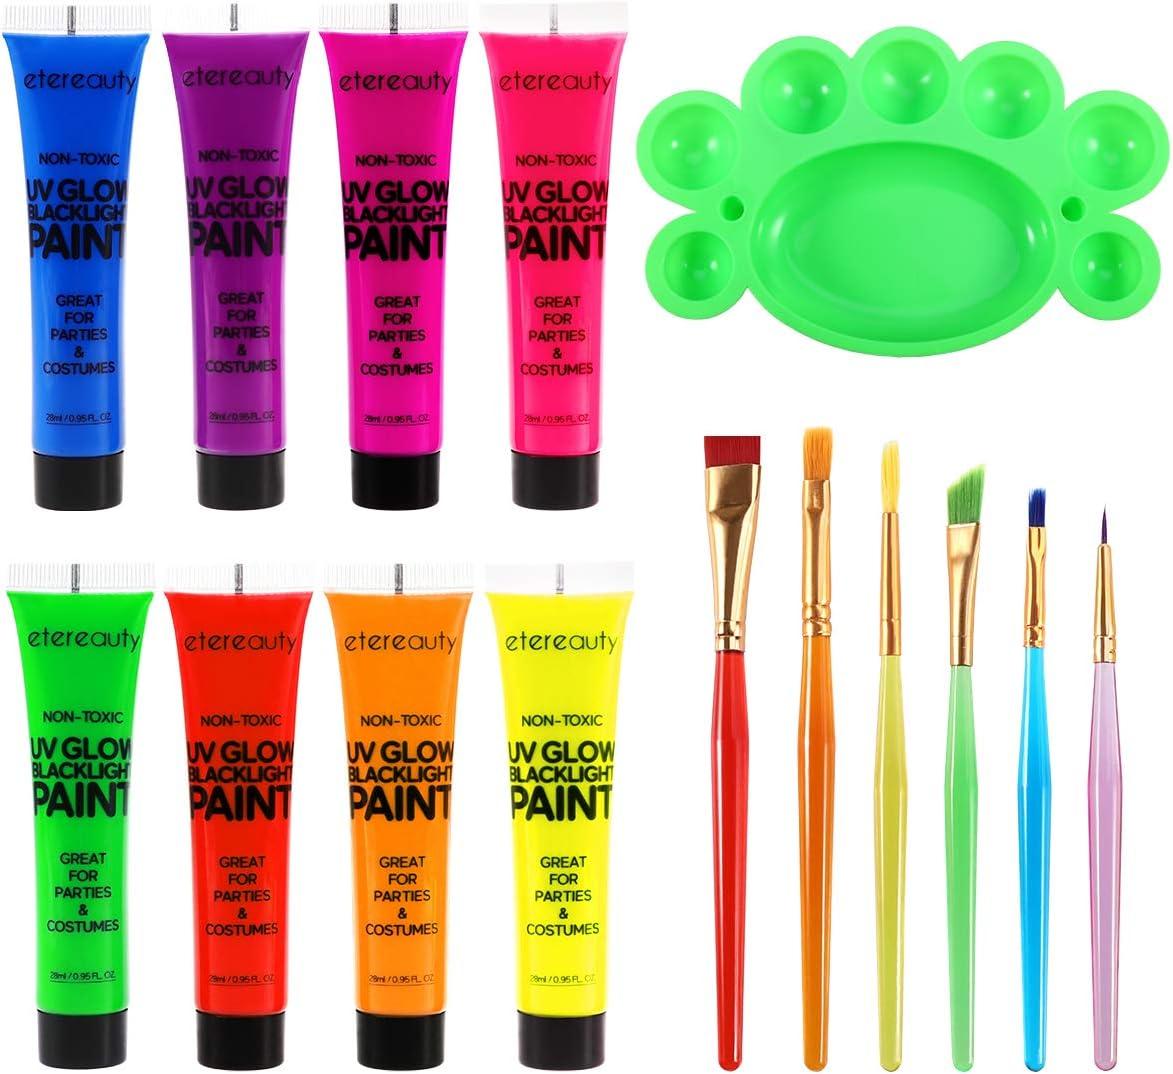 ETEREAUTY Tubos de pintura UV para rostro y cuerpo de luz negra Conjunto de 8